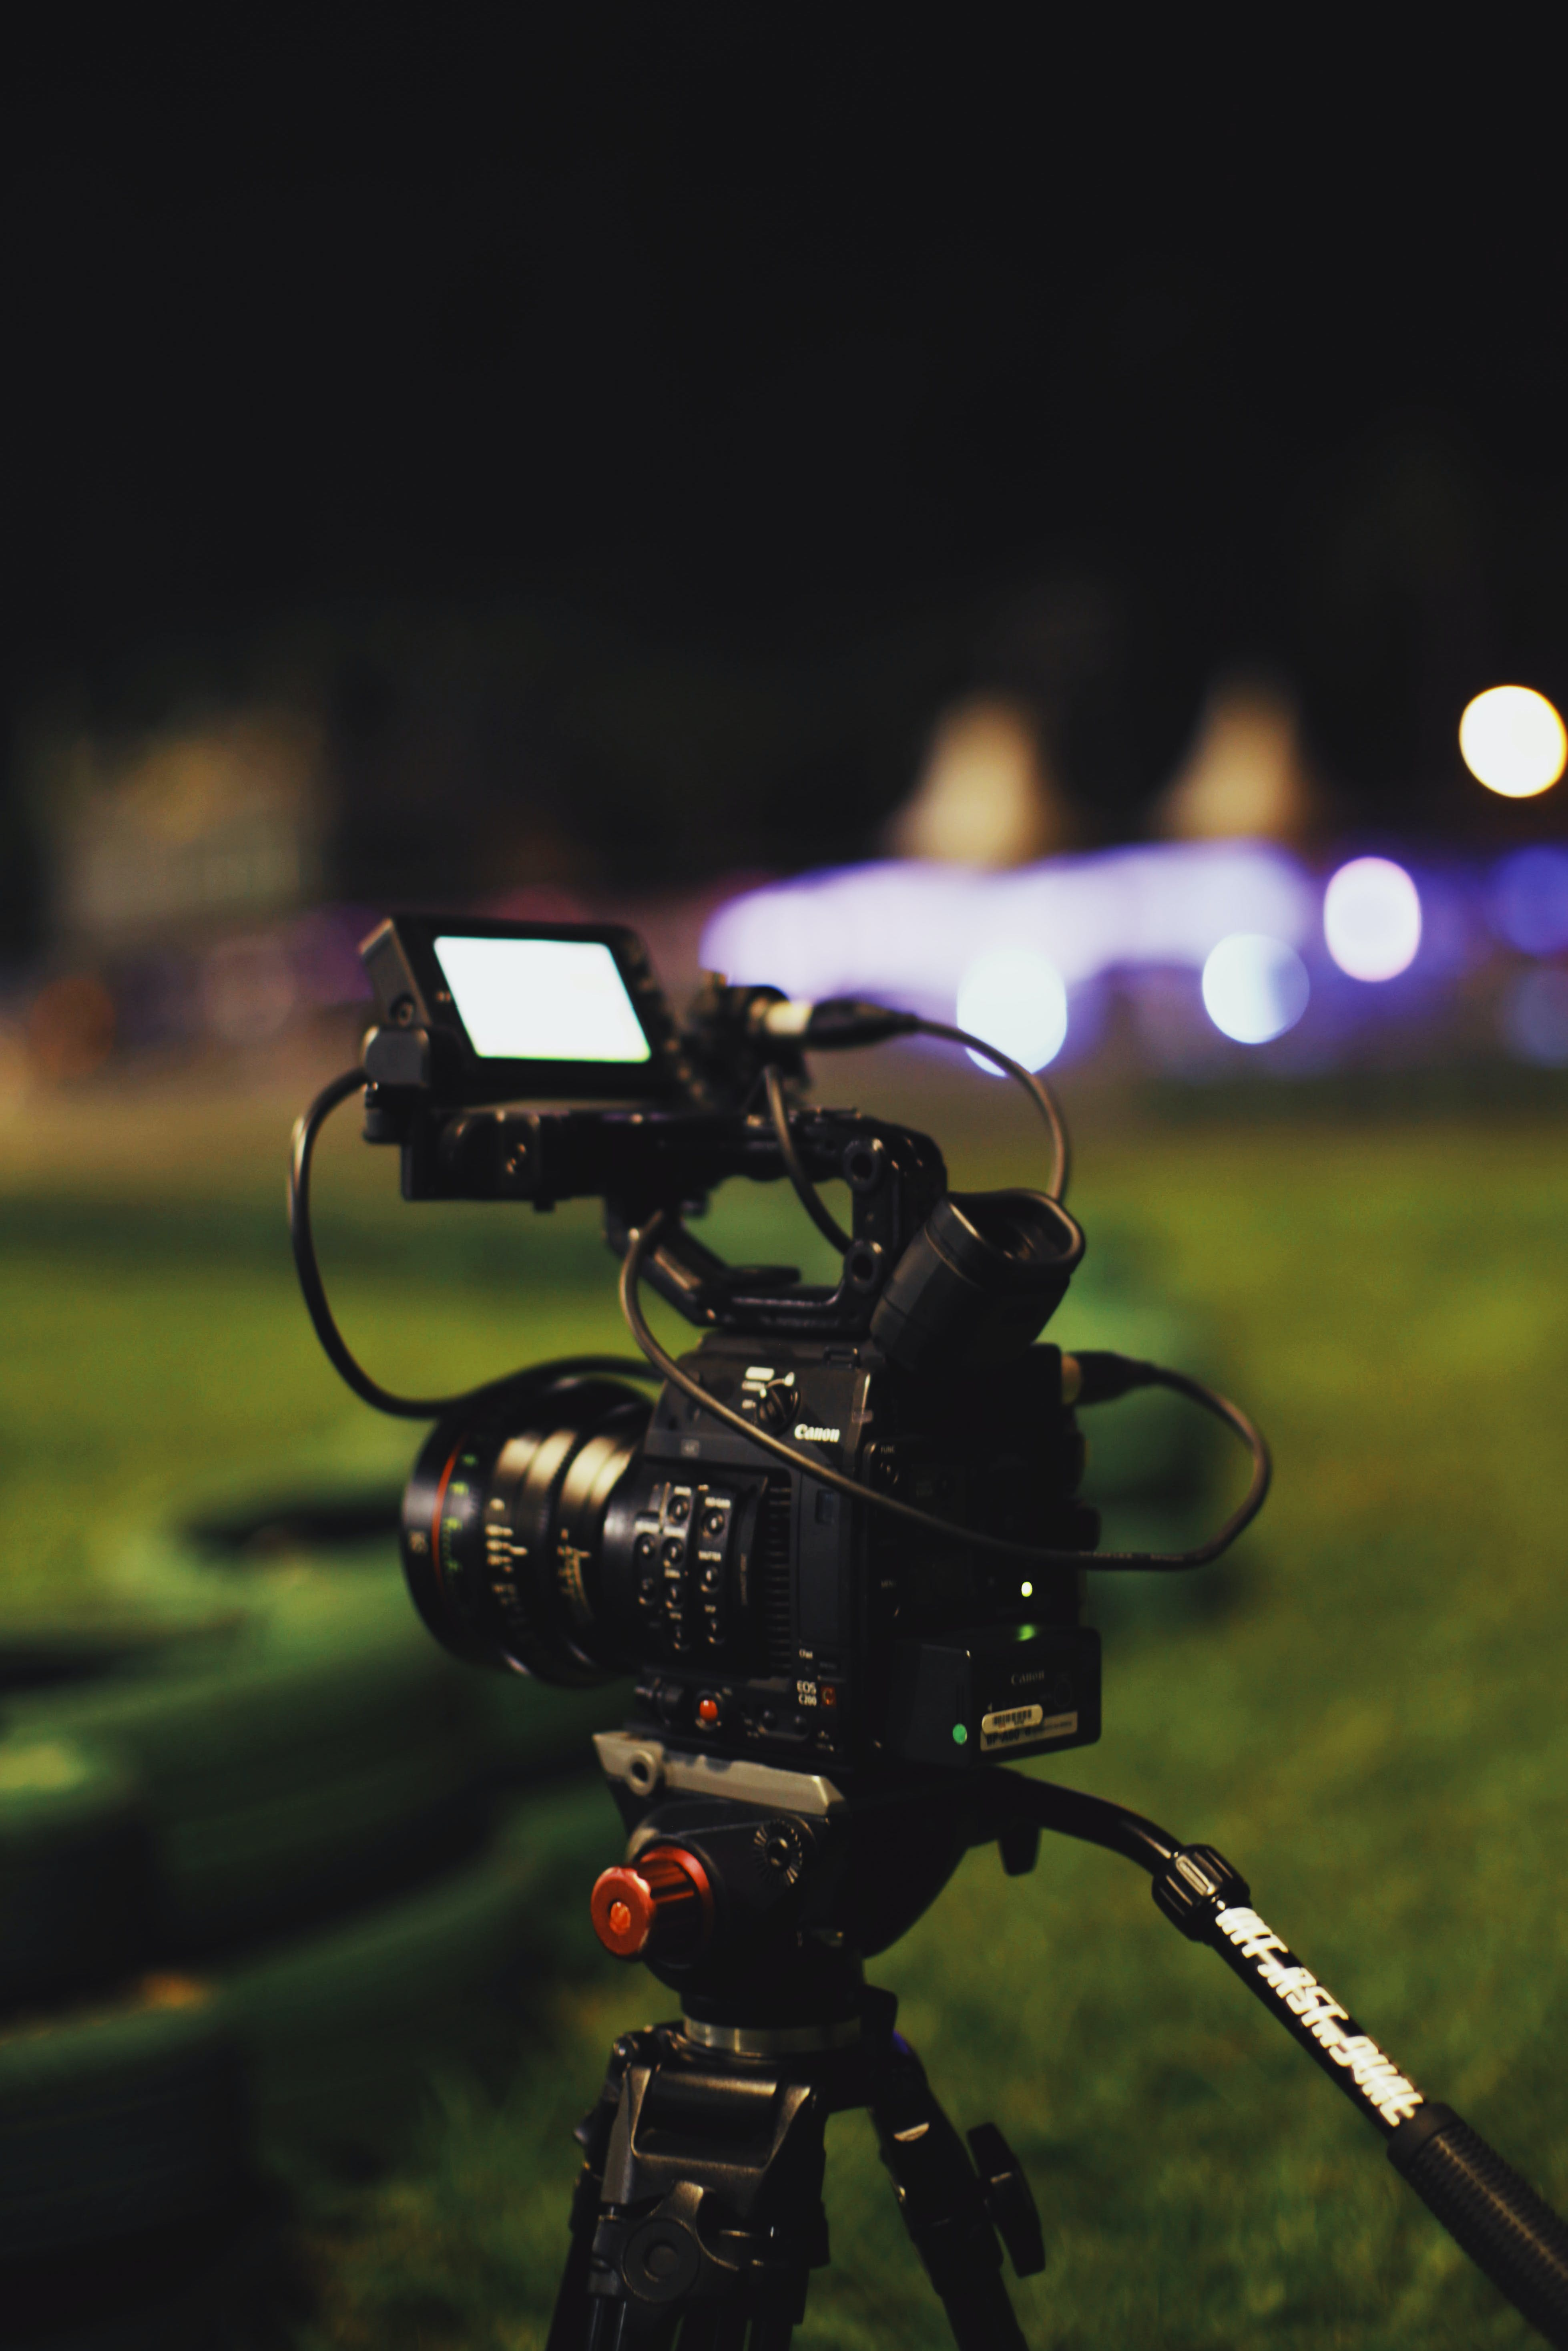 Ingyenes stockfotó felvétel, fényképezőgép, háromlábú, videófelvétel témában